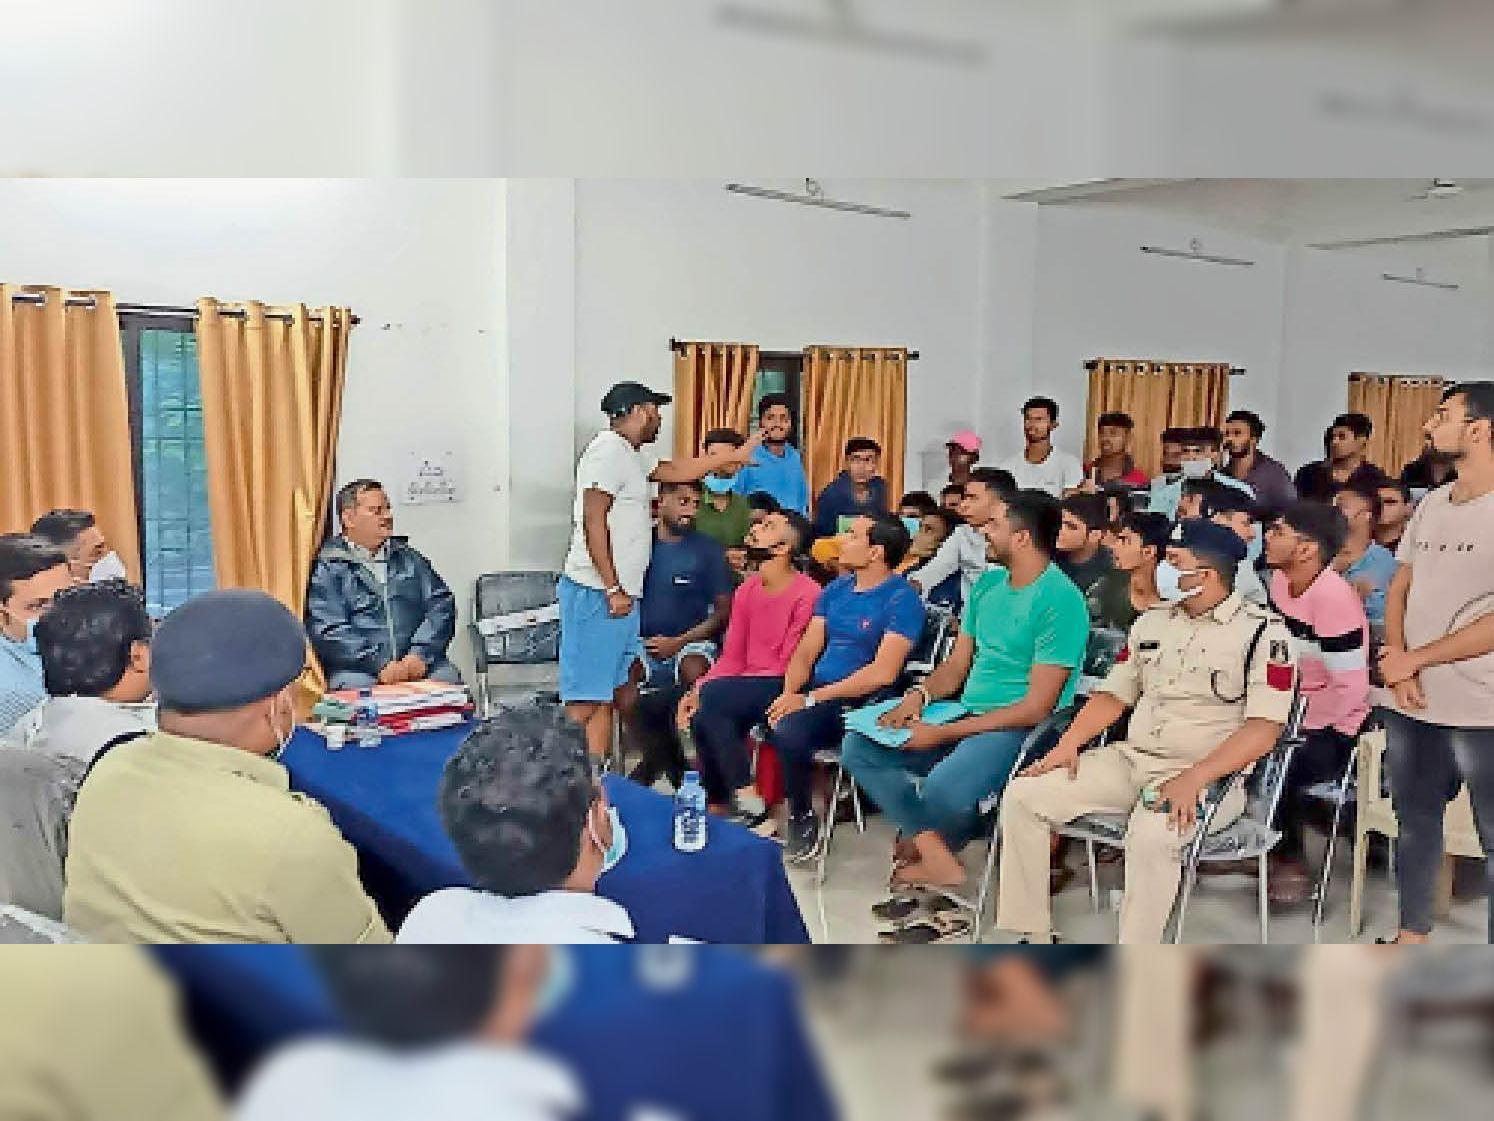 जिला प्रशासन के साथ गणेशोत्सव समिति पदाधिकारियों की बैठक हुई। - Dainik Bhaskar